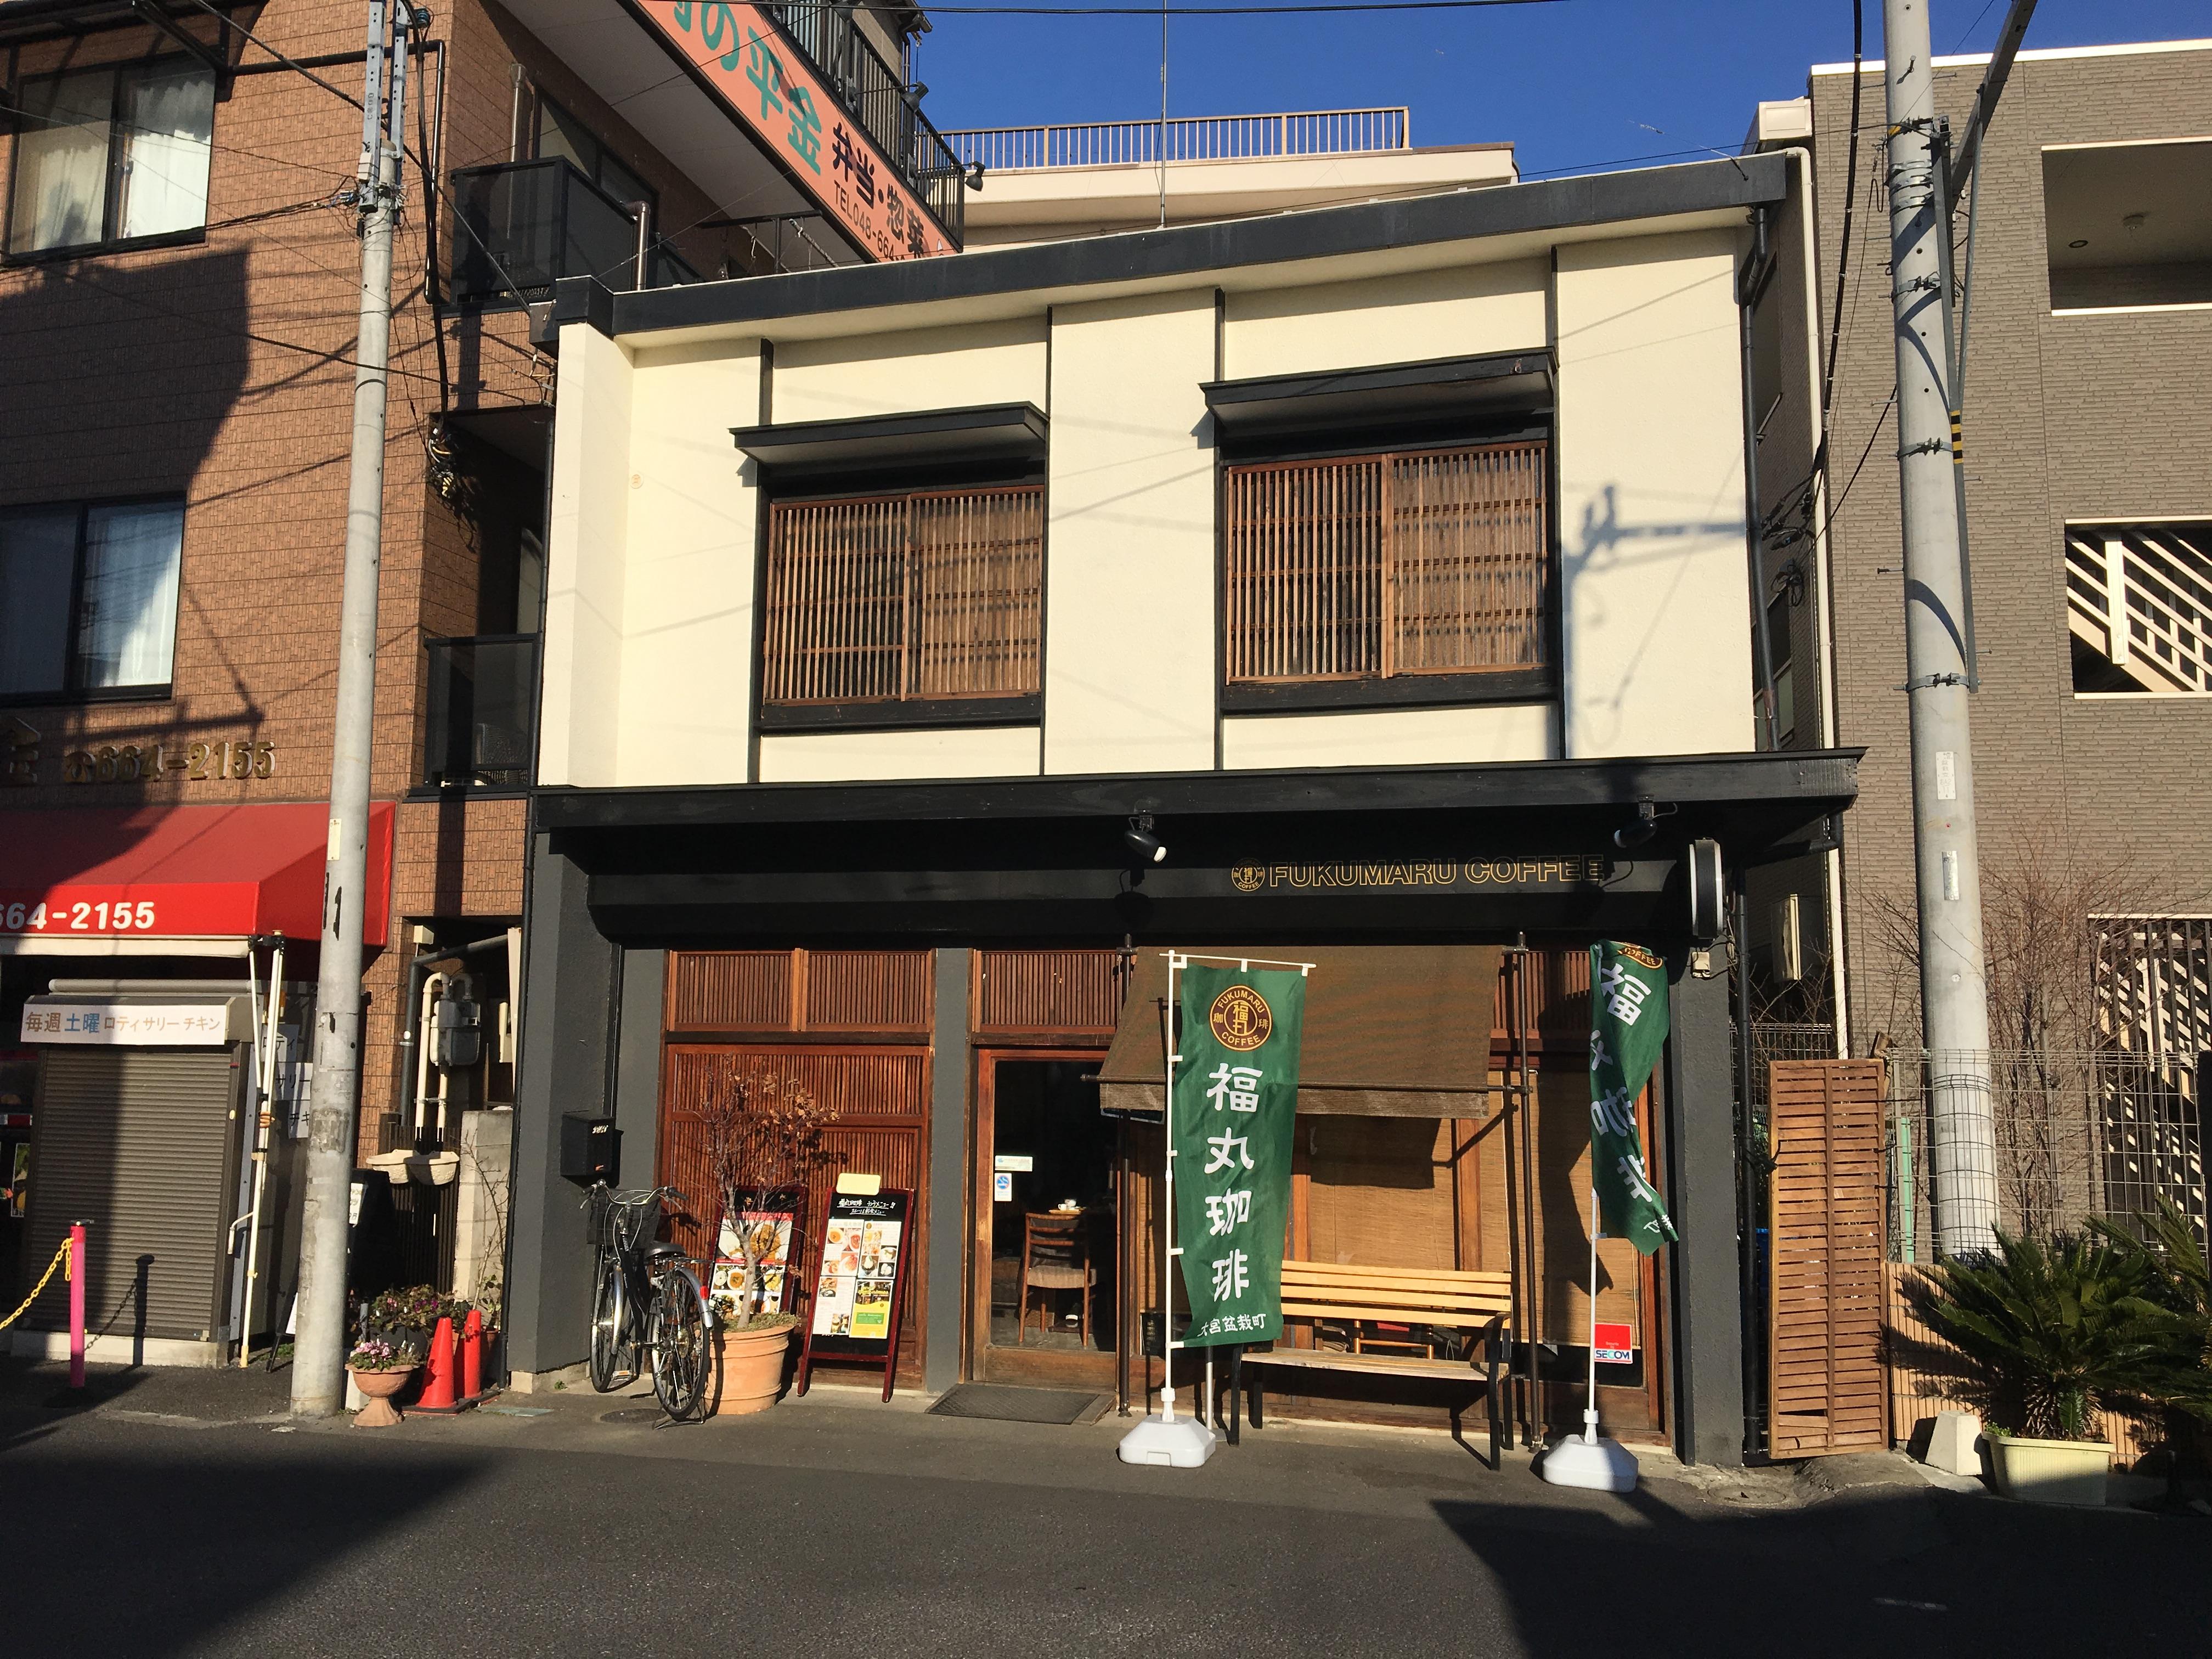 和のルートの出発点 盆栽町の古民家カフェ・福丸珈琲